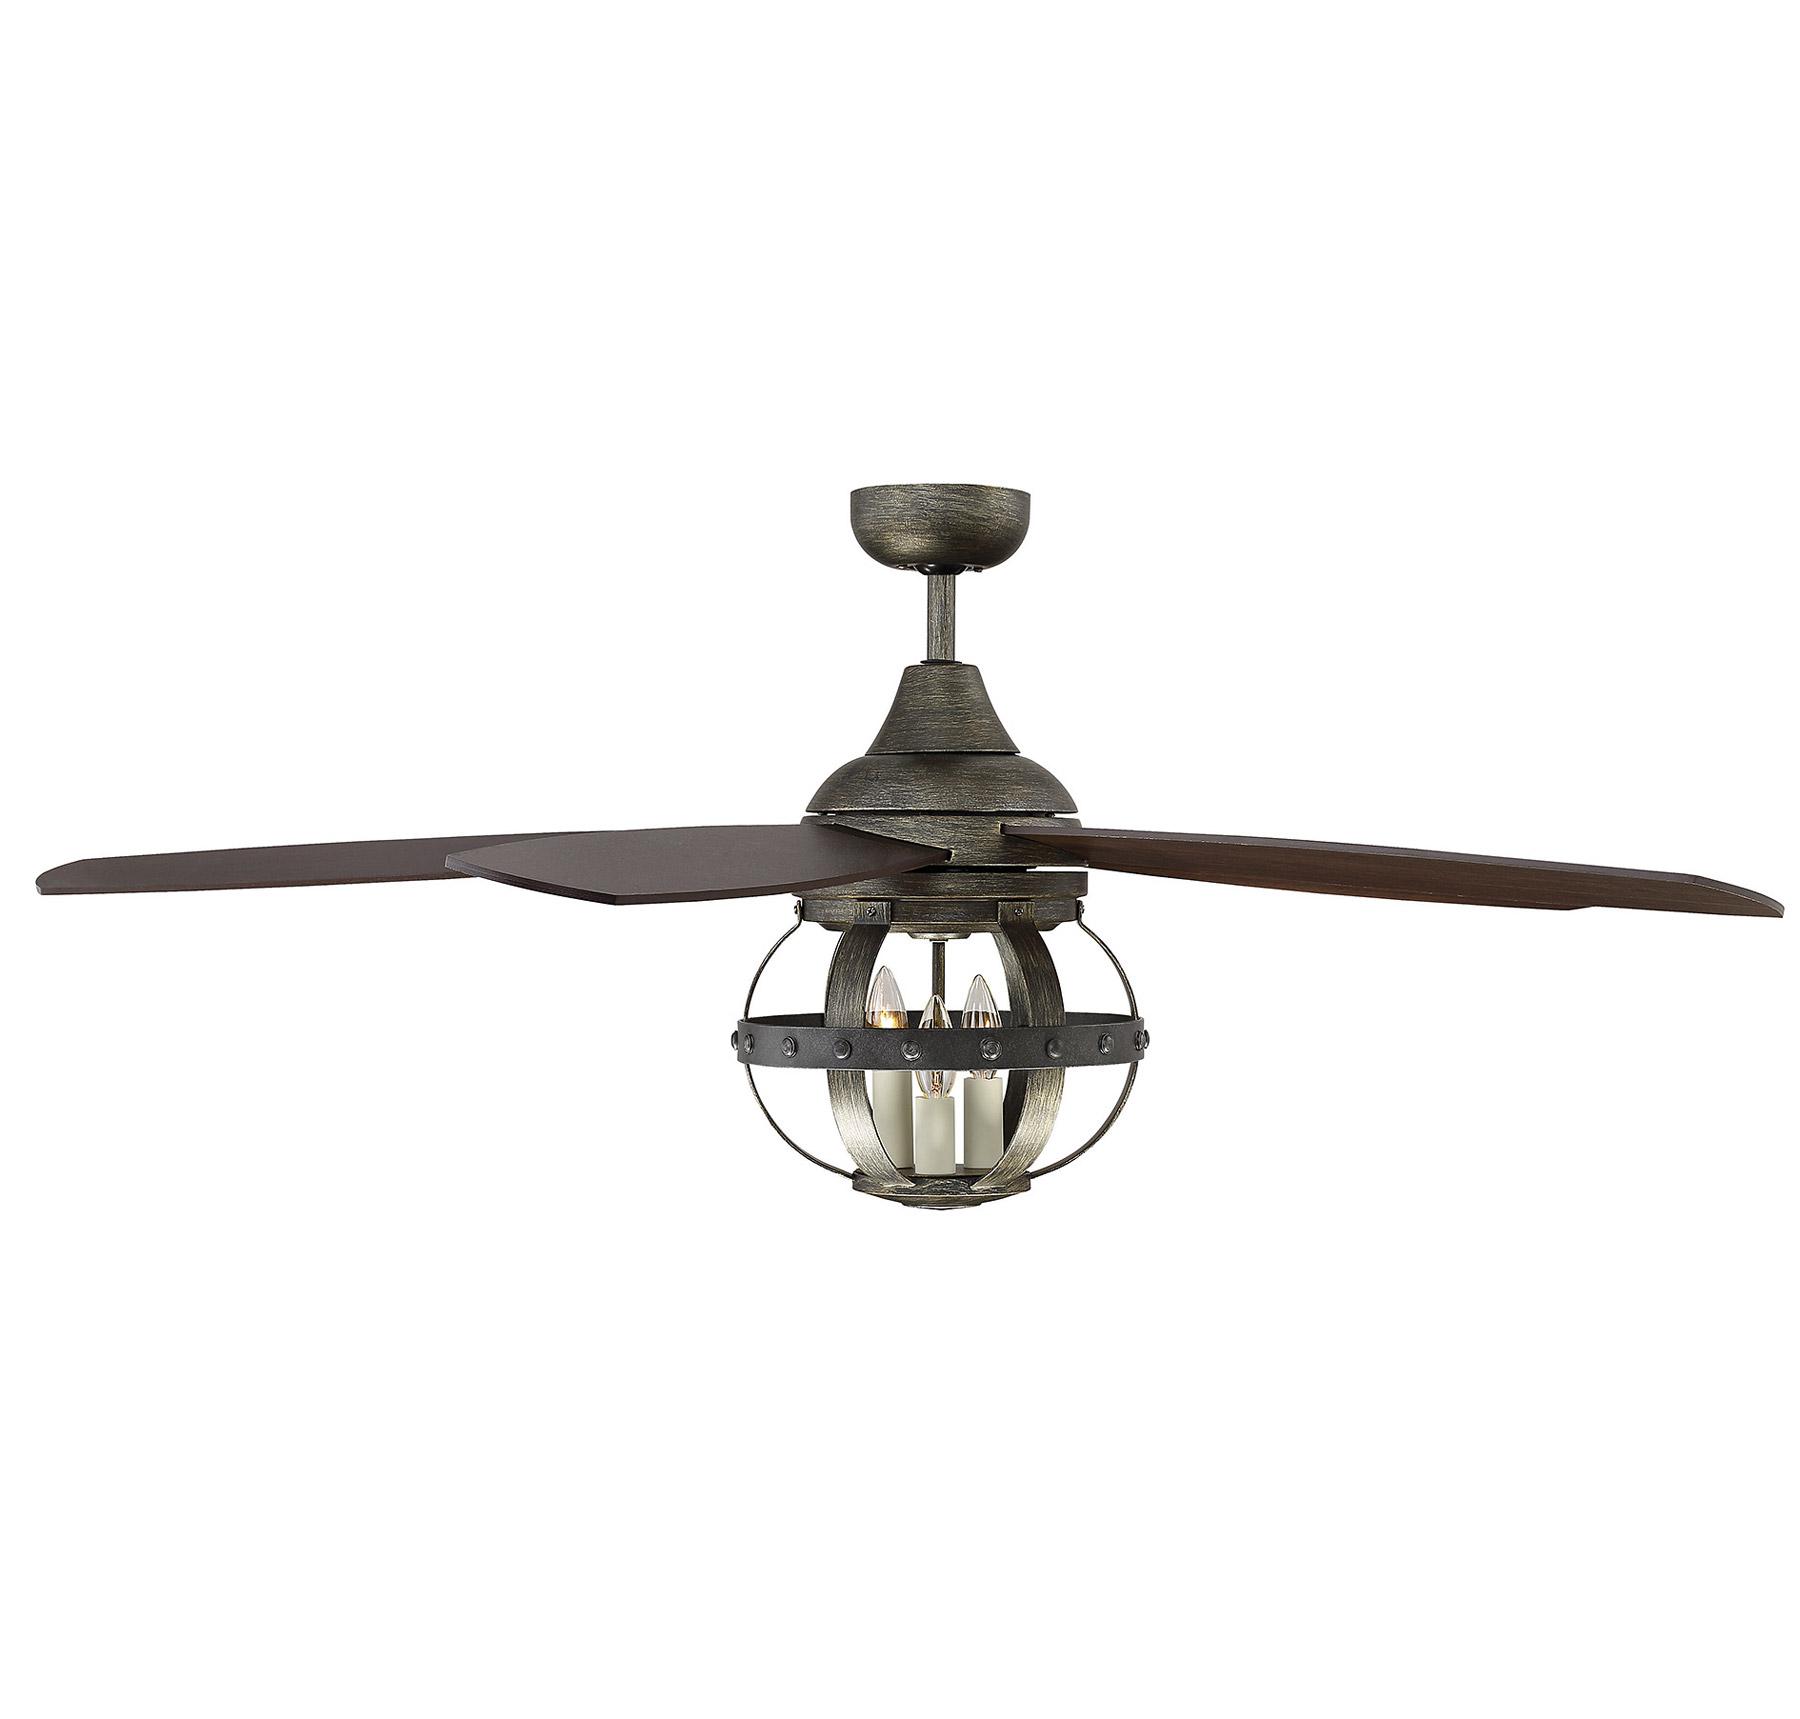 Savoy House 52 840 5cn 196 Alsace 52 Quot Ceiling Fan